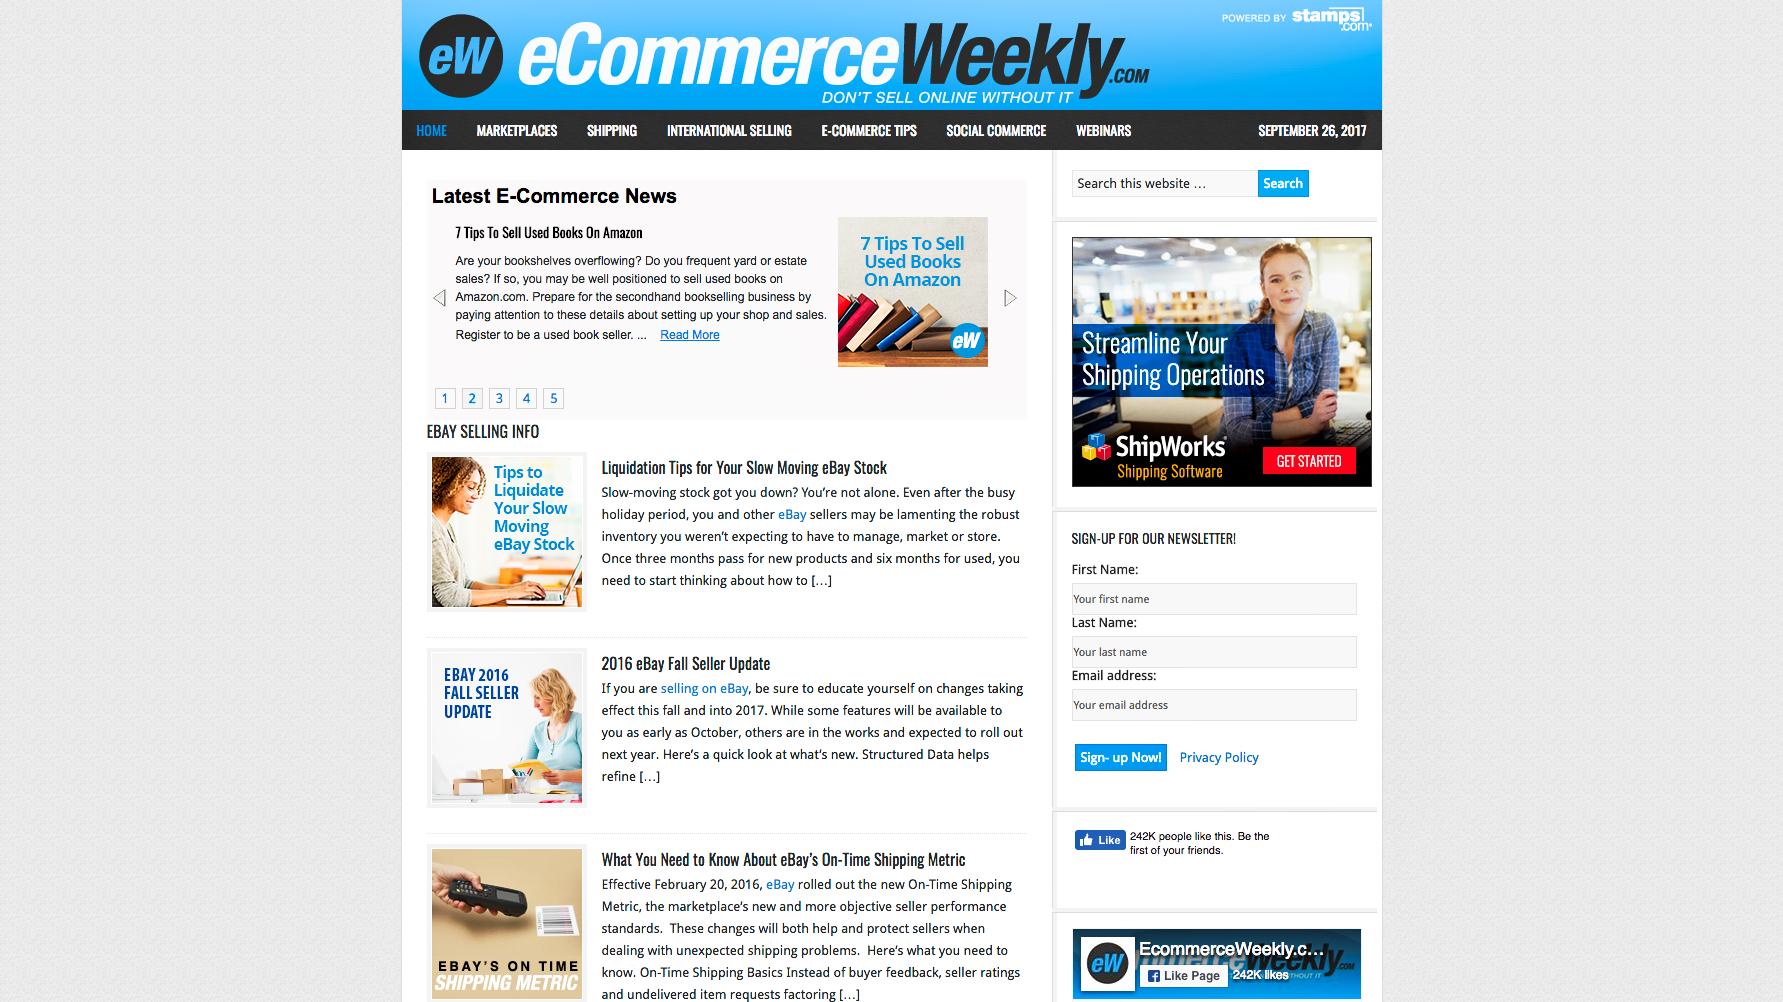 ecommerce weekly